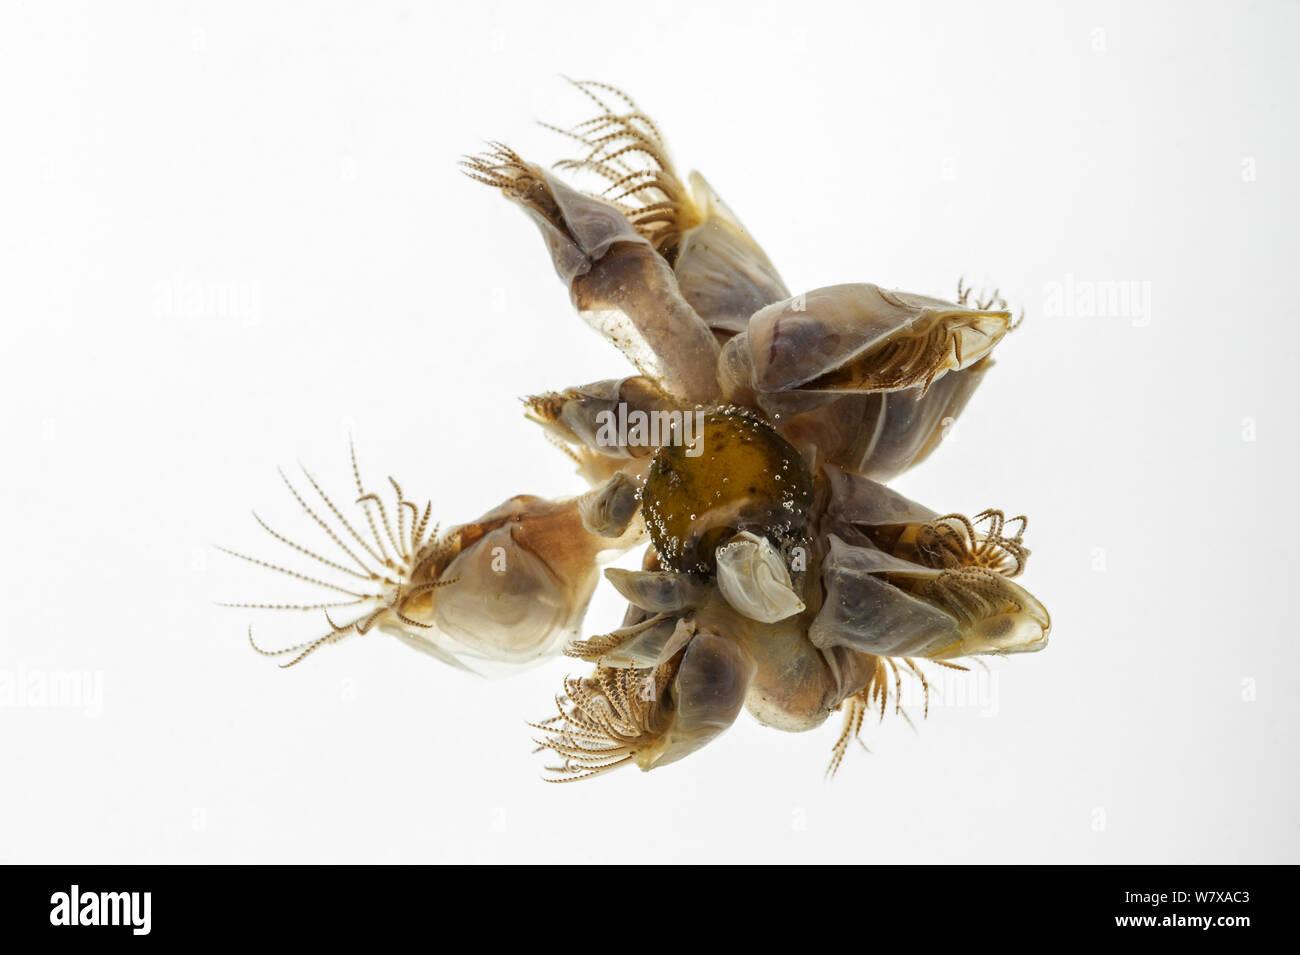 Blue Goose barnacle / balane bouée (Dosima fascicularis) contre l'arrière-plan blanc, Baie de Somme, France, mai. Banque D'Images